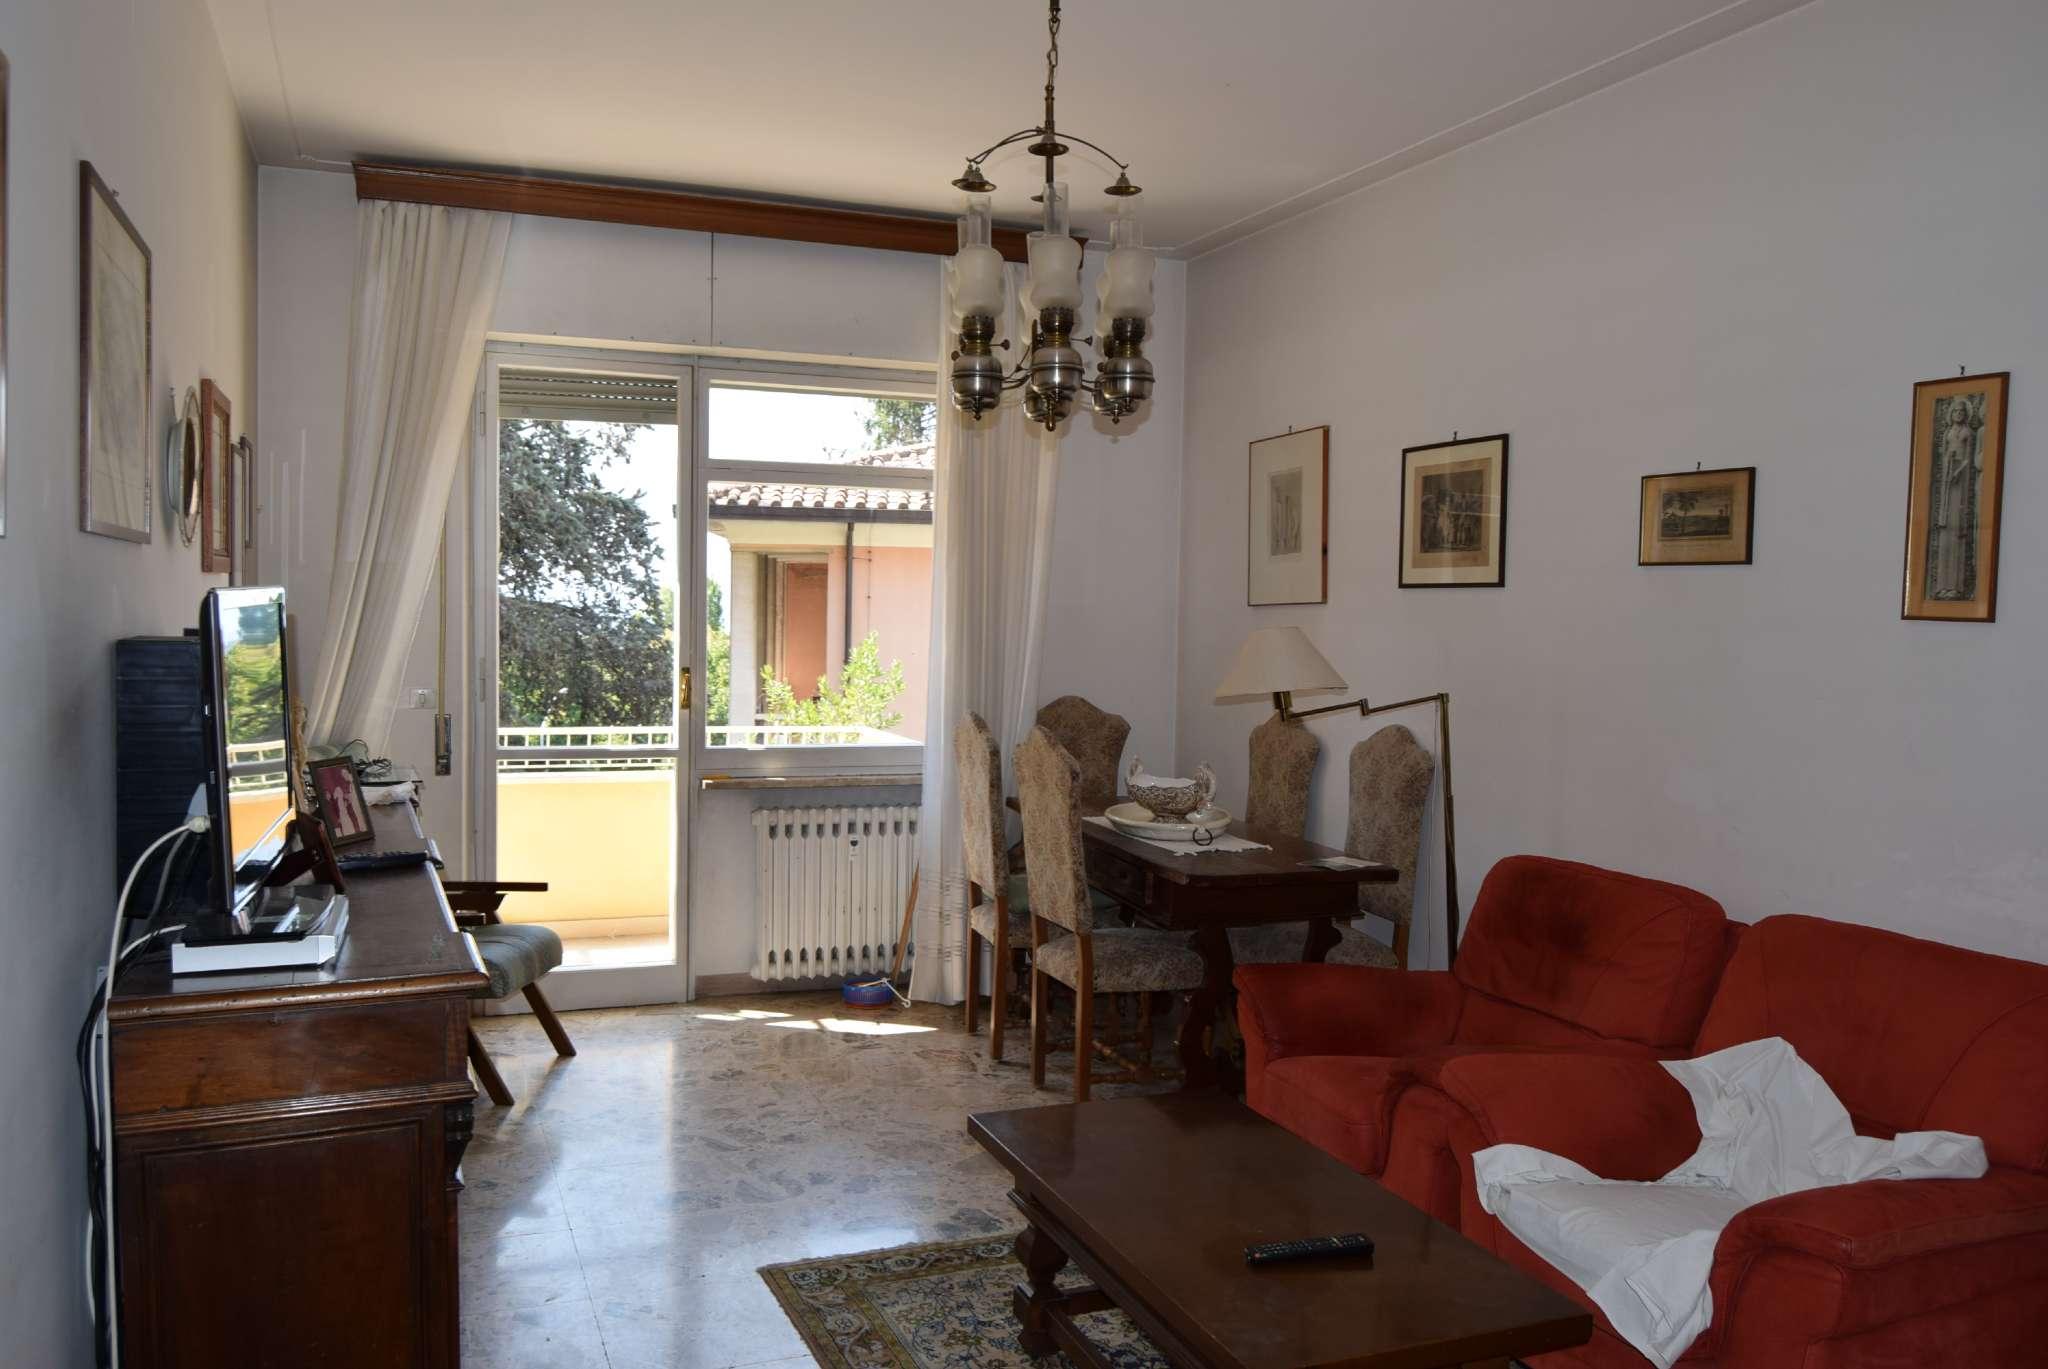 Appartamento in vendita a Perugia, 9 locali, prezzo € 125.000   CambioCasa.it